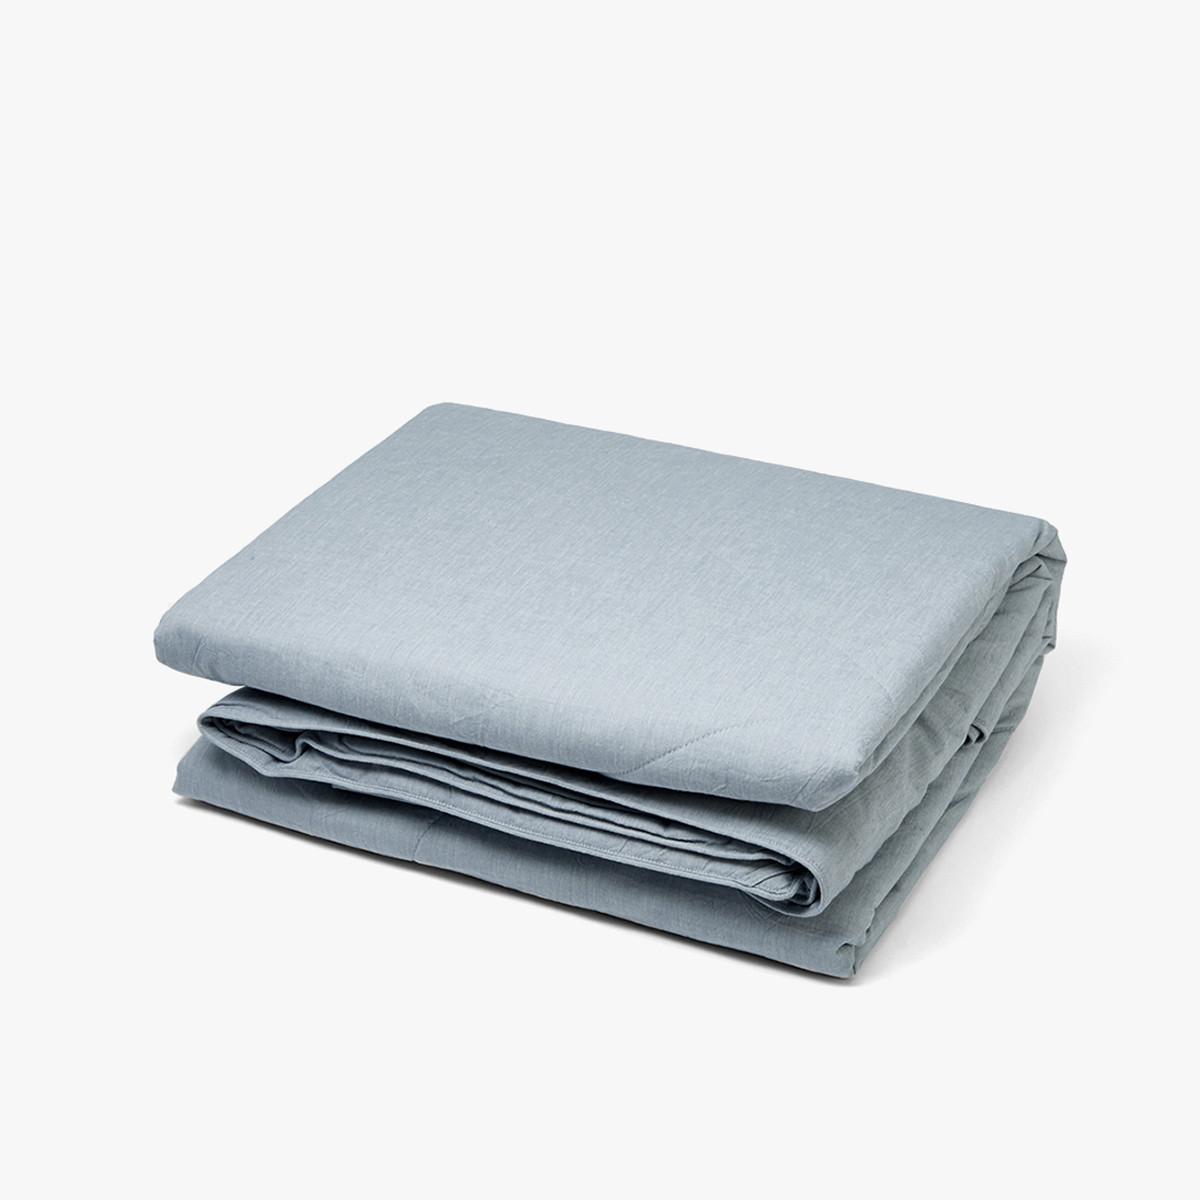 海澜优选生活馆200X230cm蚕丝薄被水洗棉双人被子手工蚕丝被芯740000169001